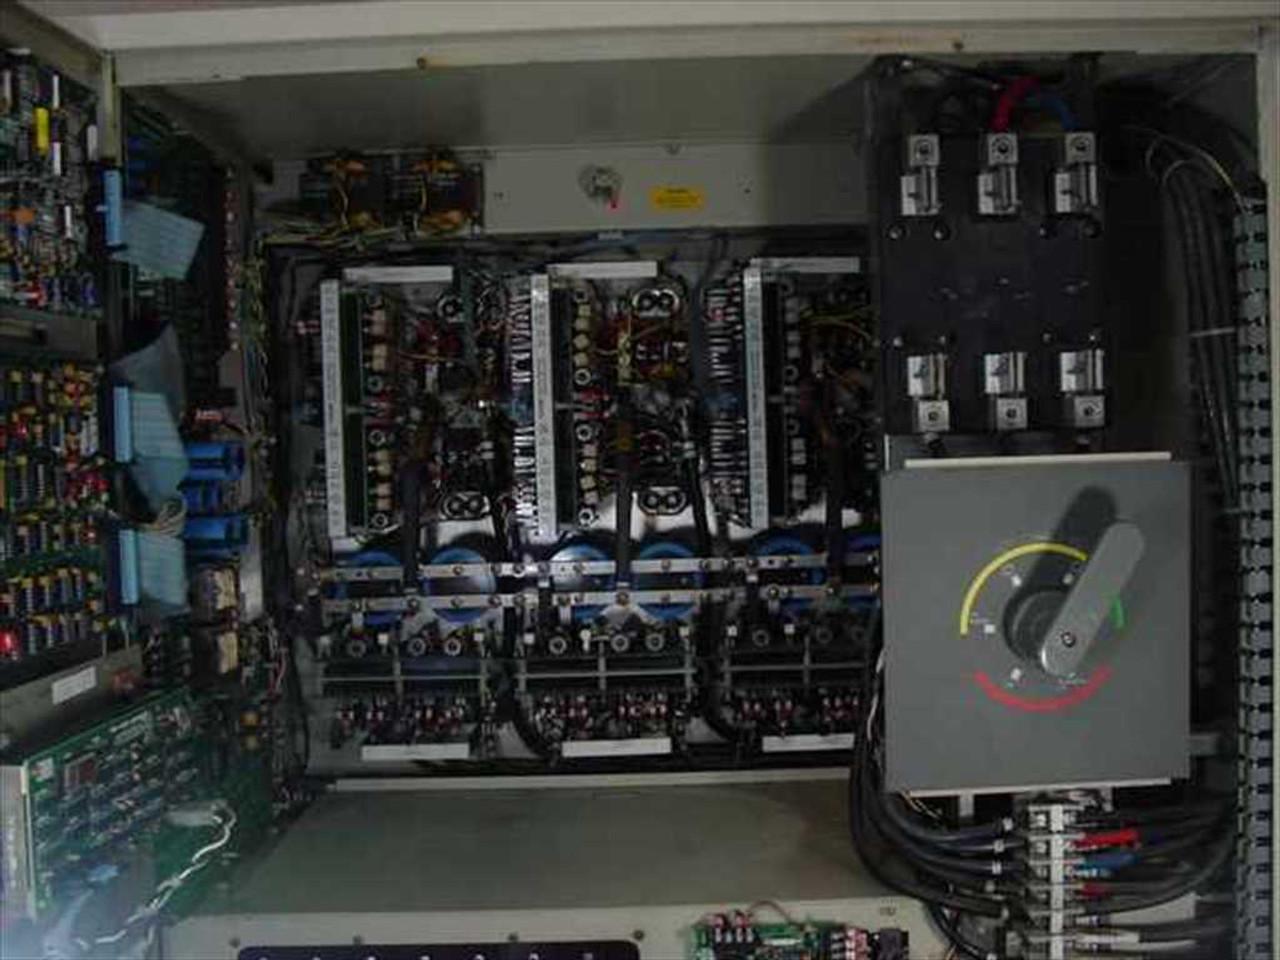 Emerson Computer Power Ap340 30kva 208 3 Phase Ups